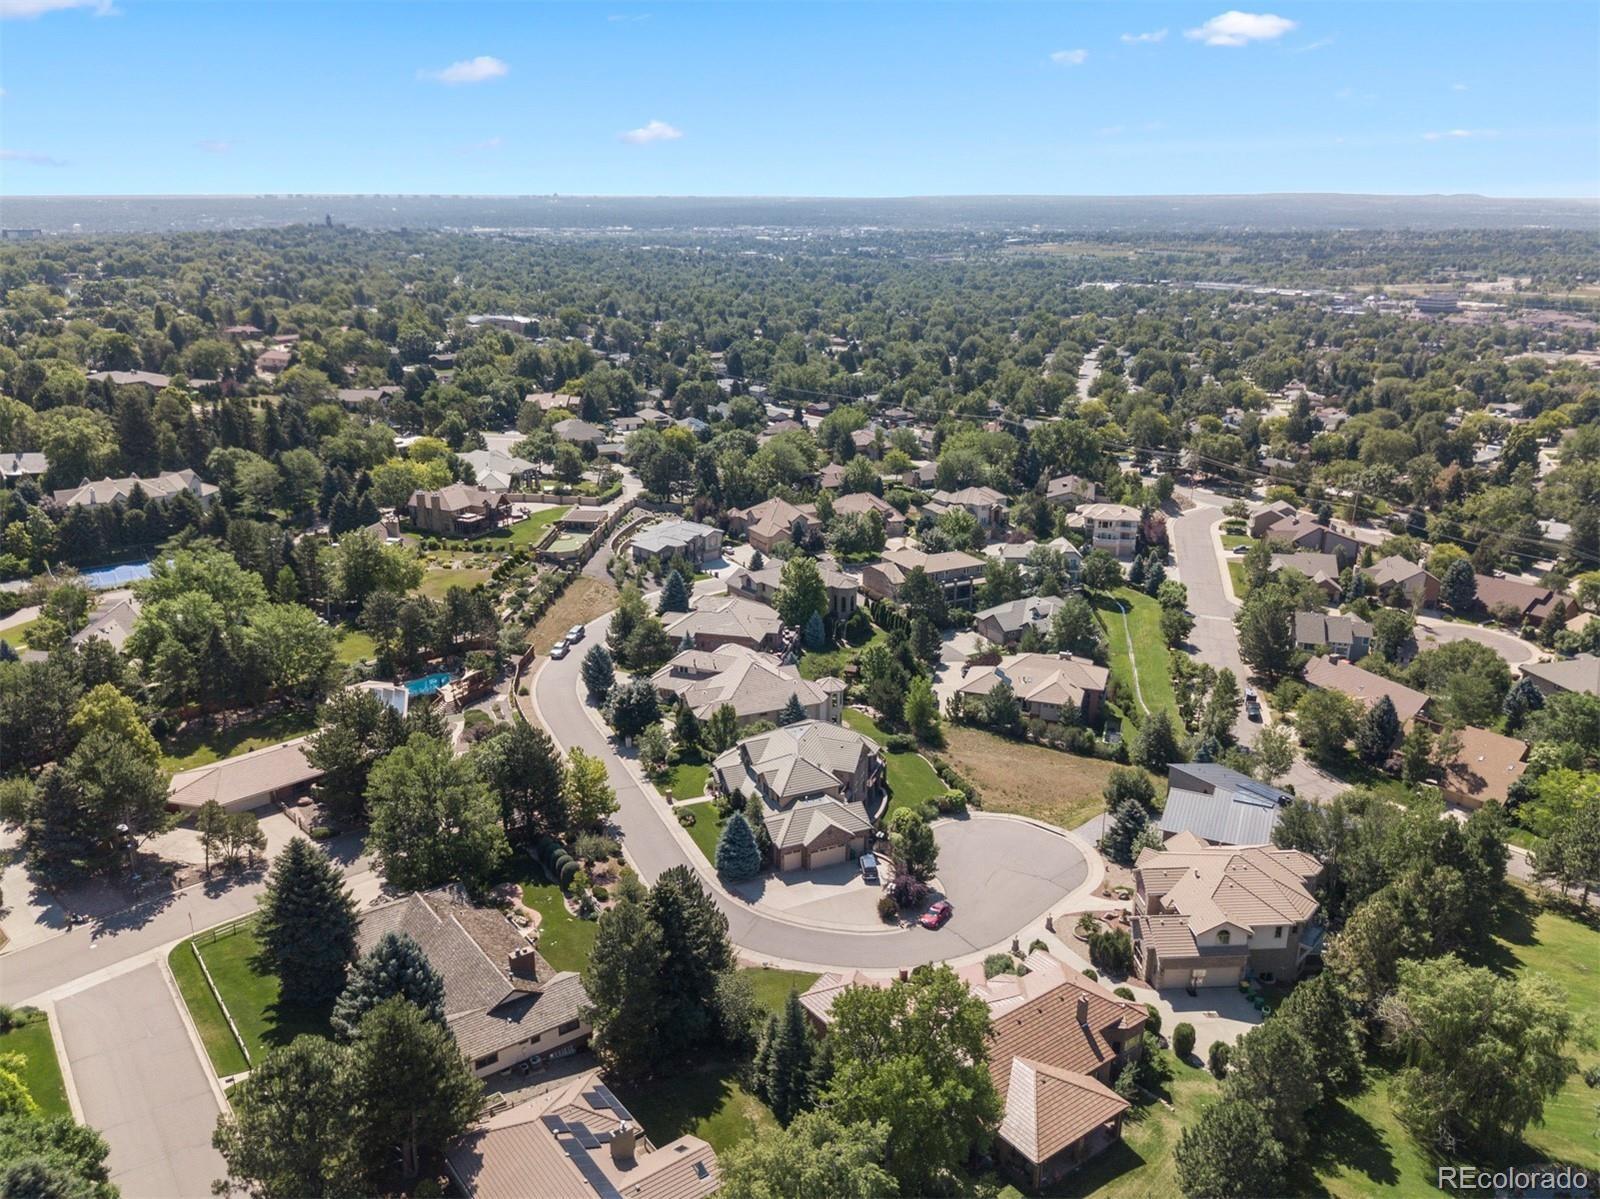 MLS# 4397080 - 17 - 2581 S Harlan Court, Lakewood, CO 80227